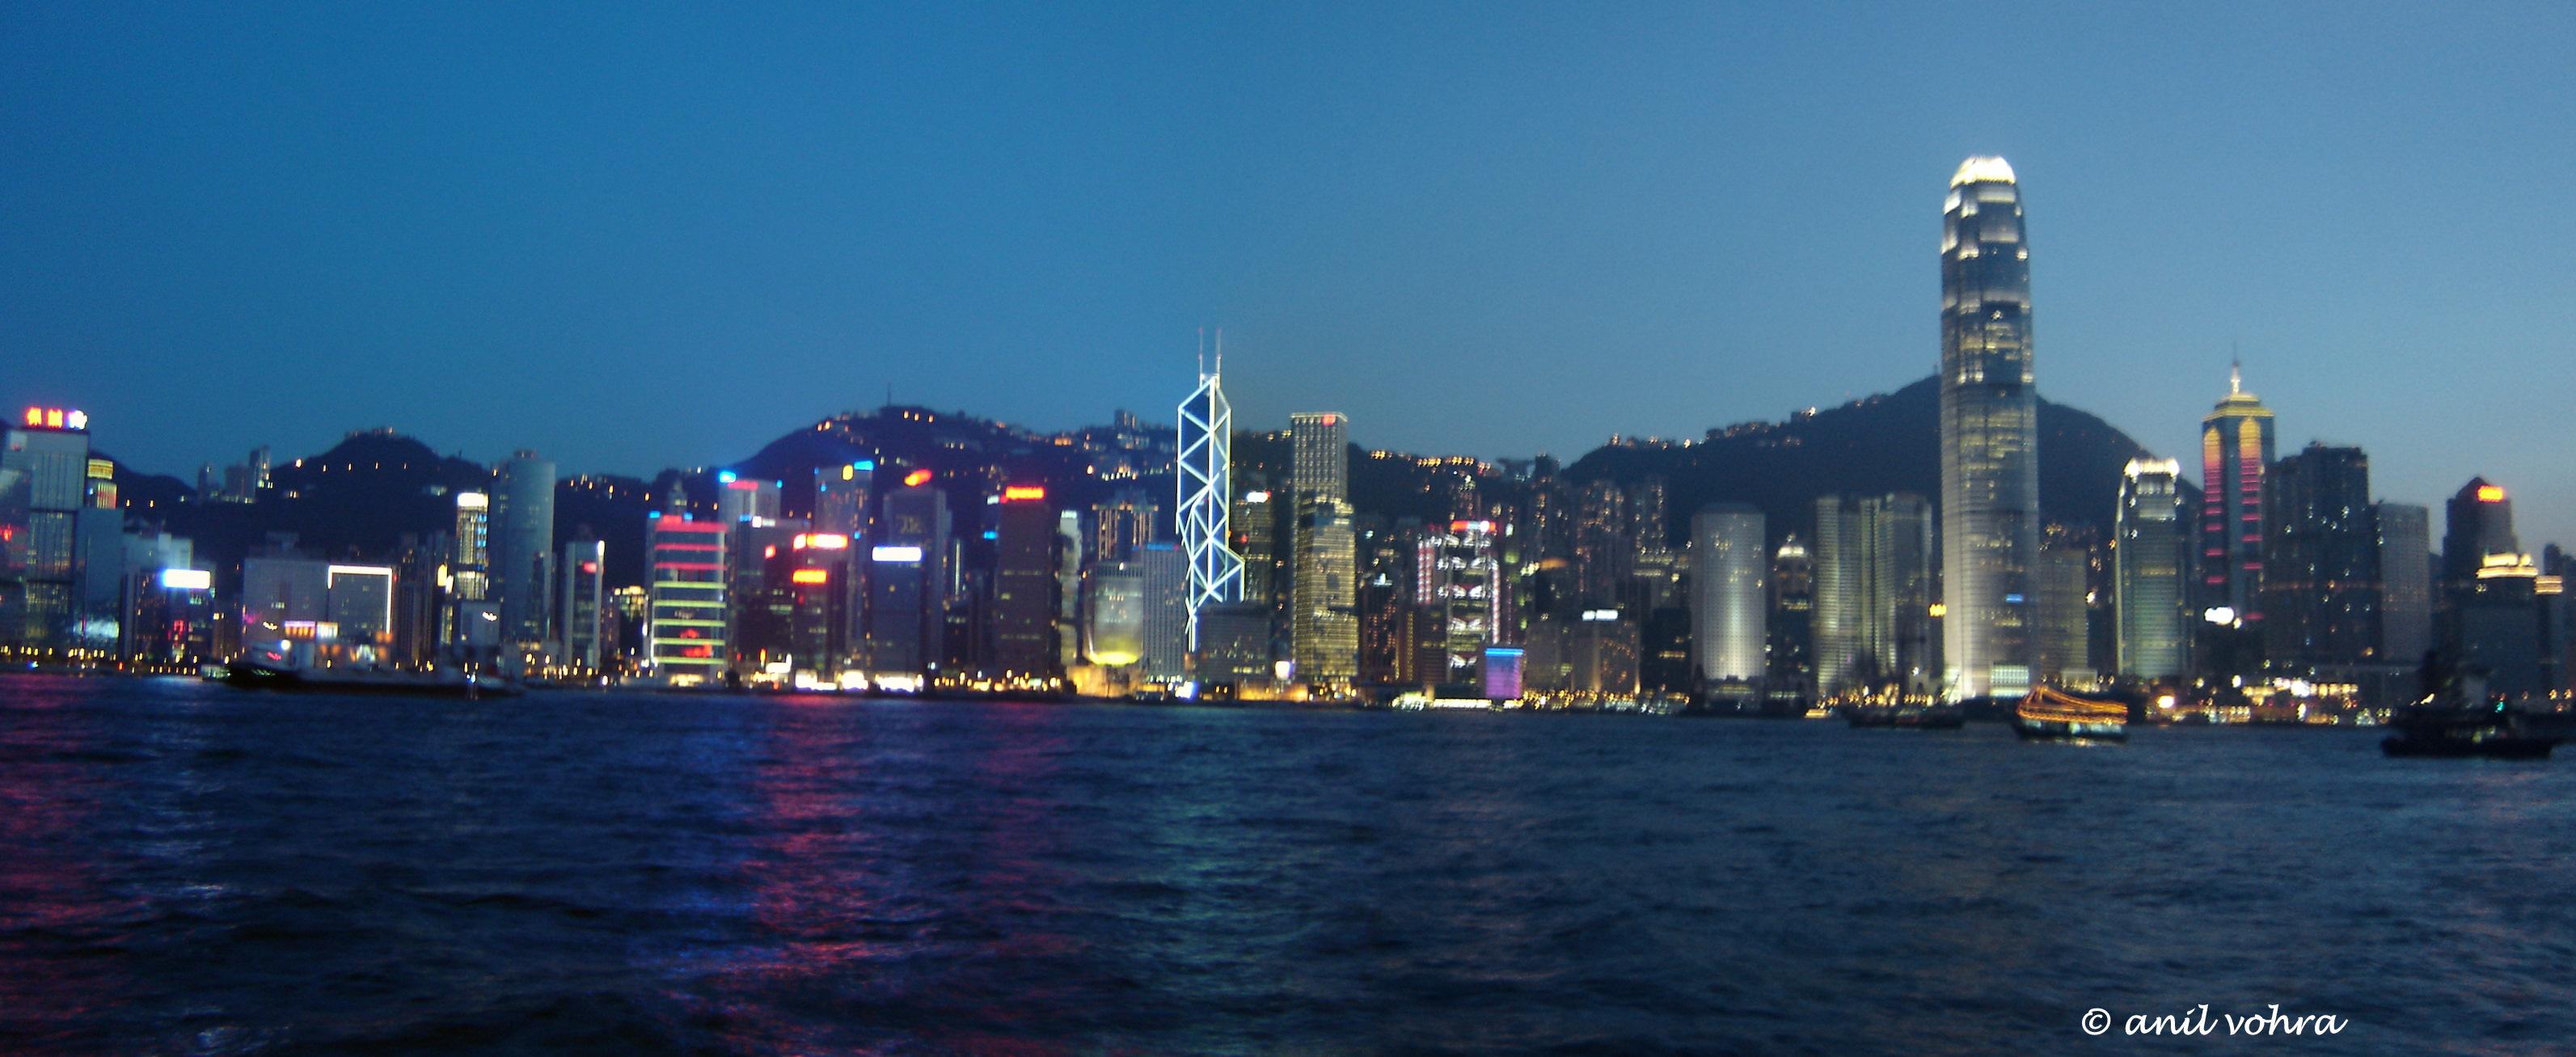 HK Nightline